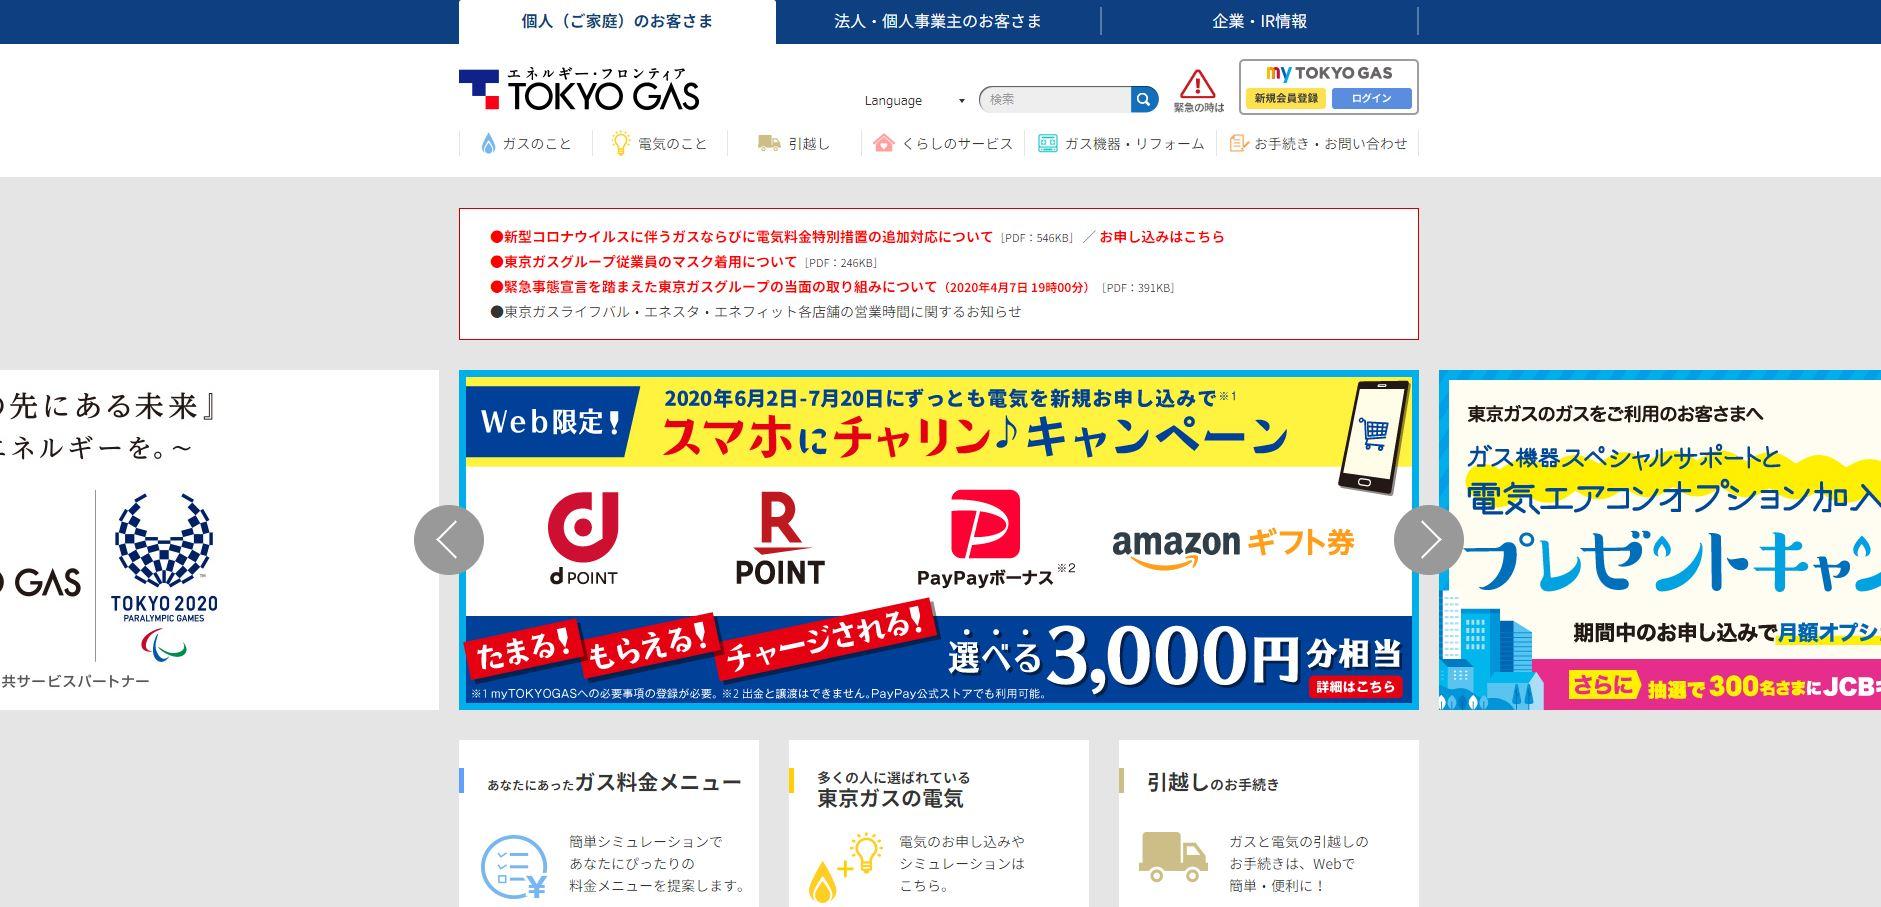 東京ガスの電気料金プランまとめてみました。【口コミ・評判も紹介!】